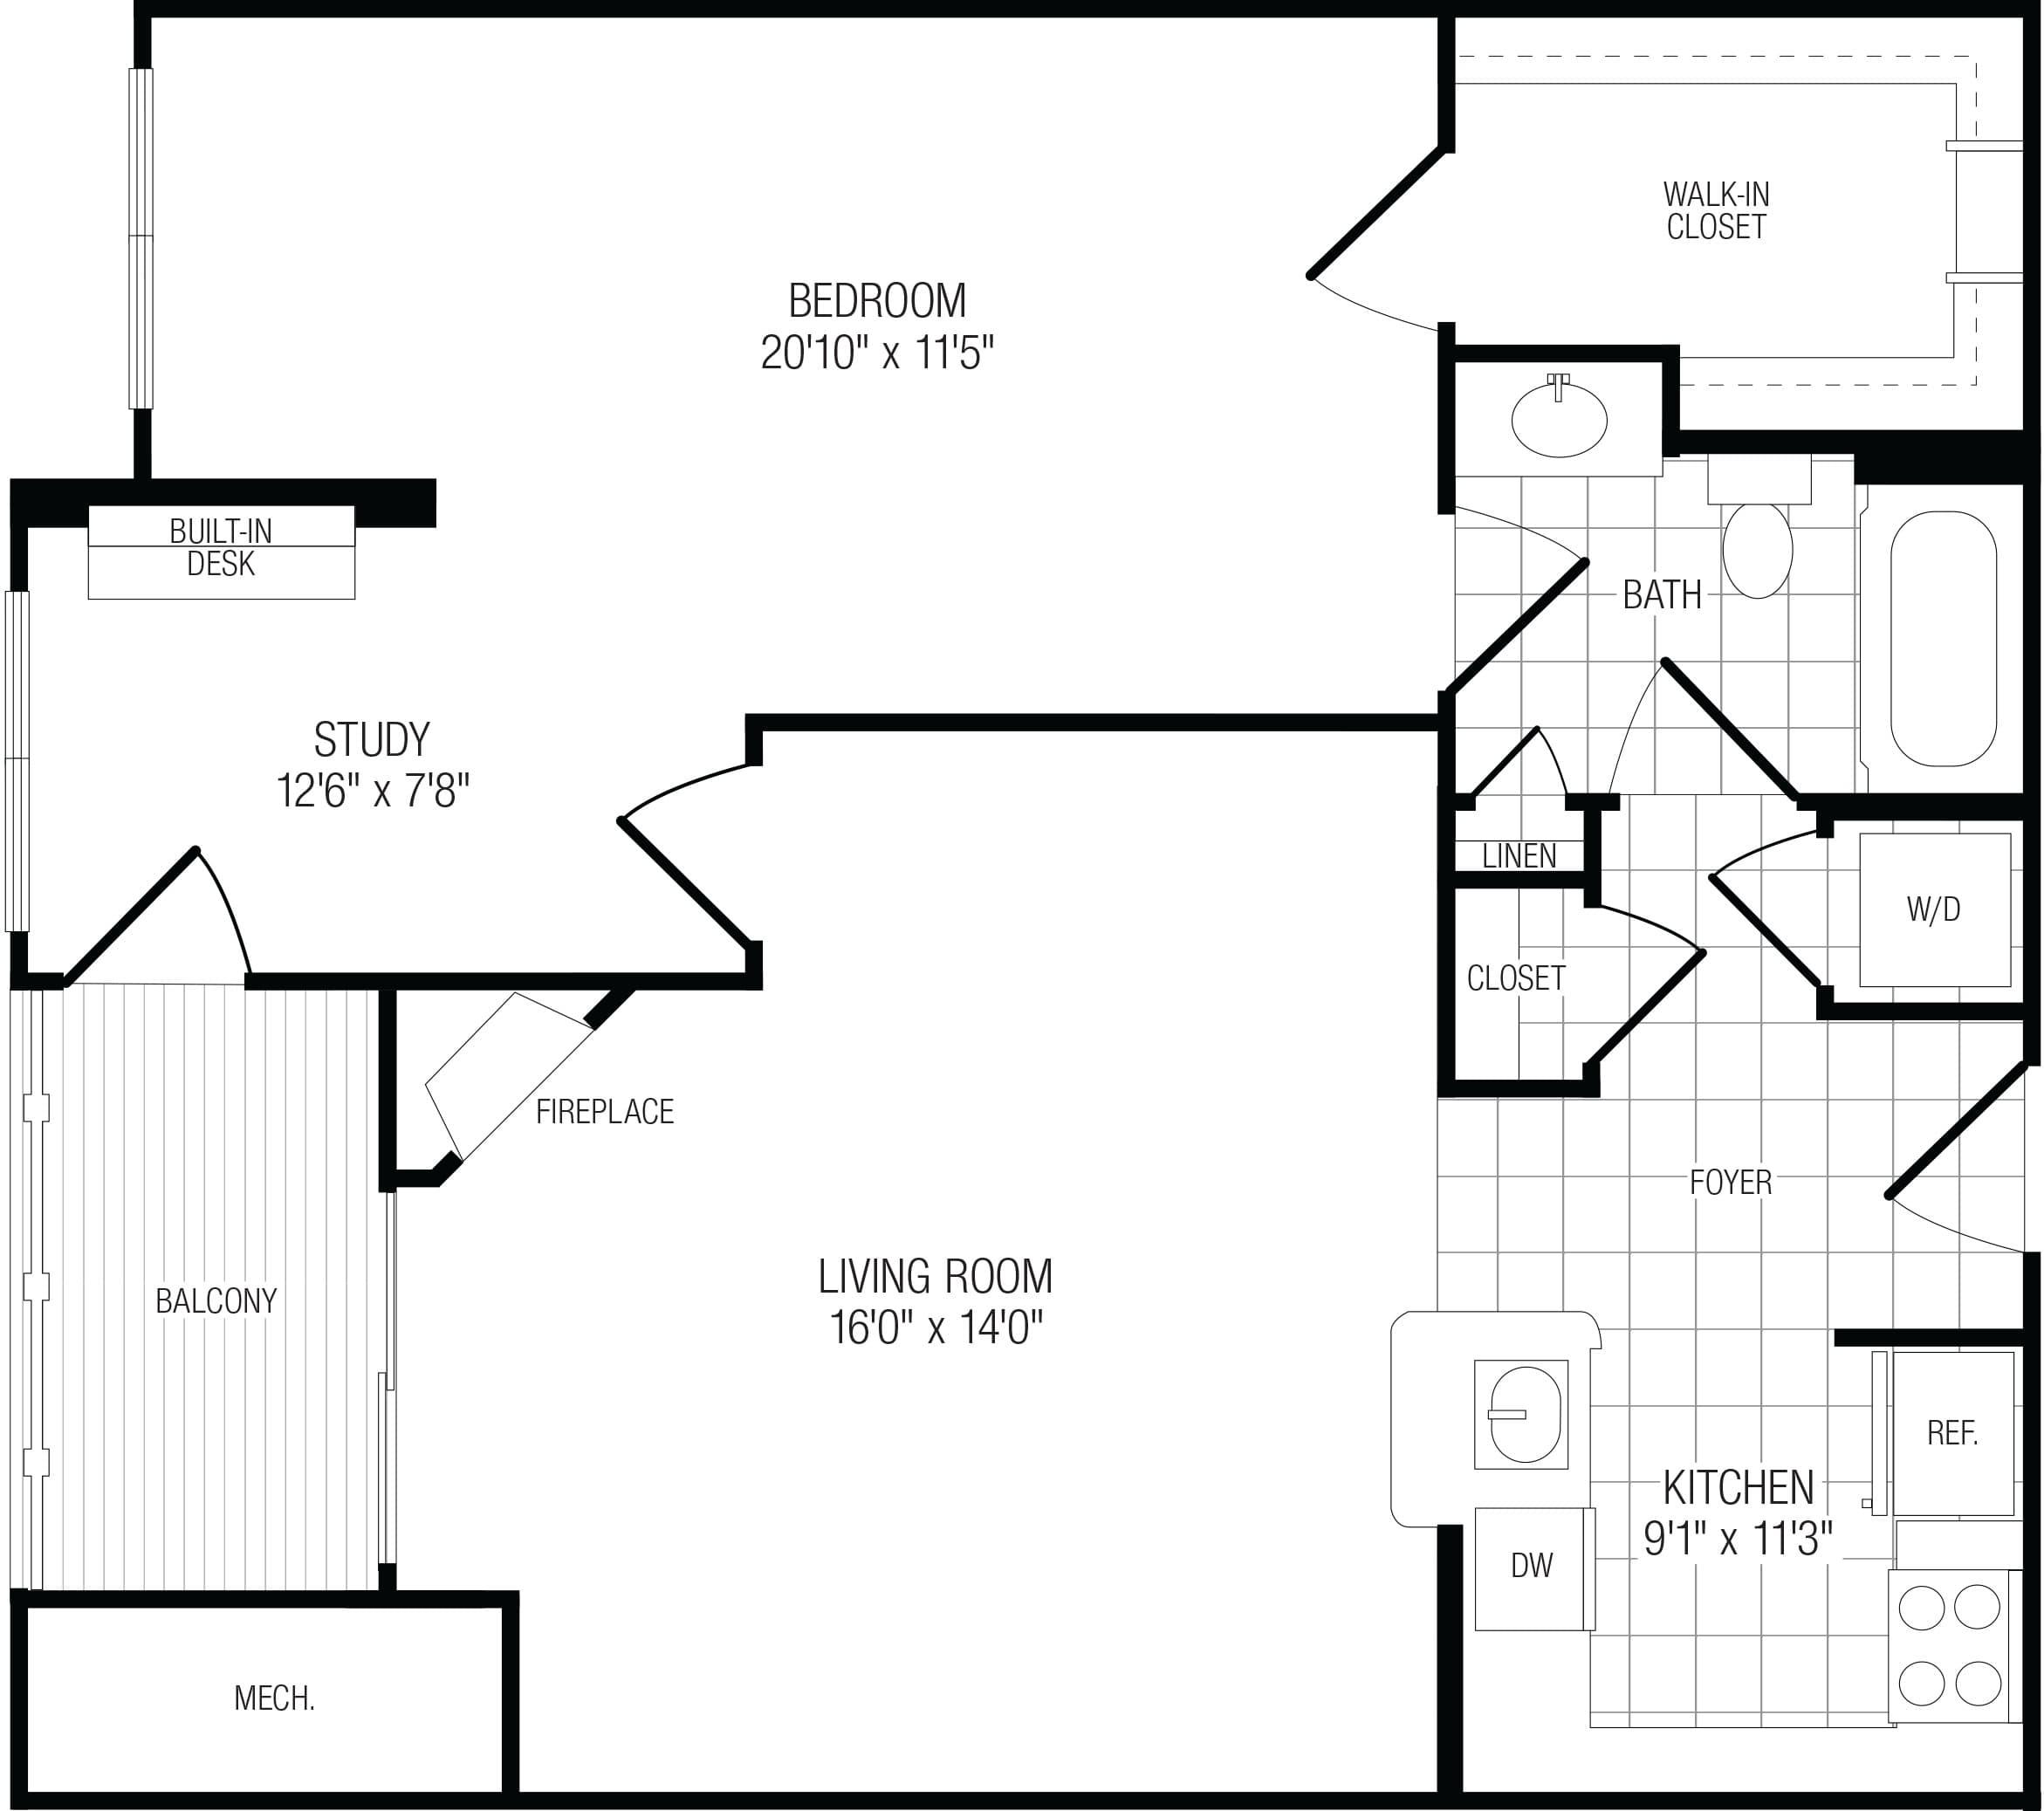 Annapolis Apartments for Rent | Stone Point| Bozzuto - Bozzuto on